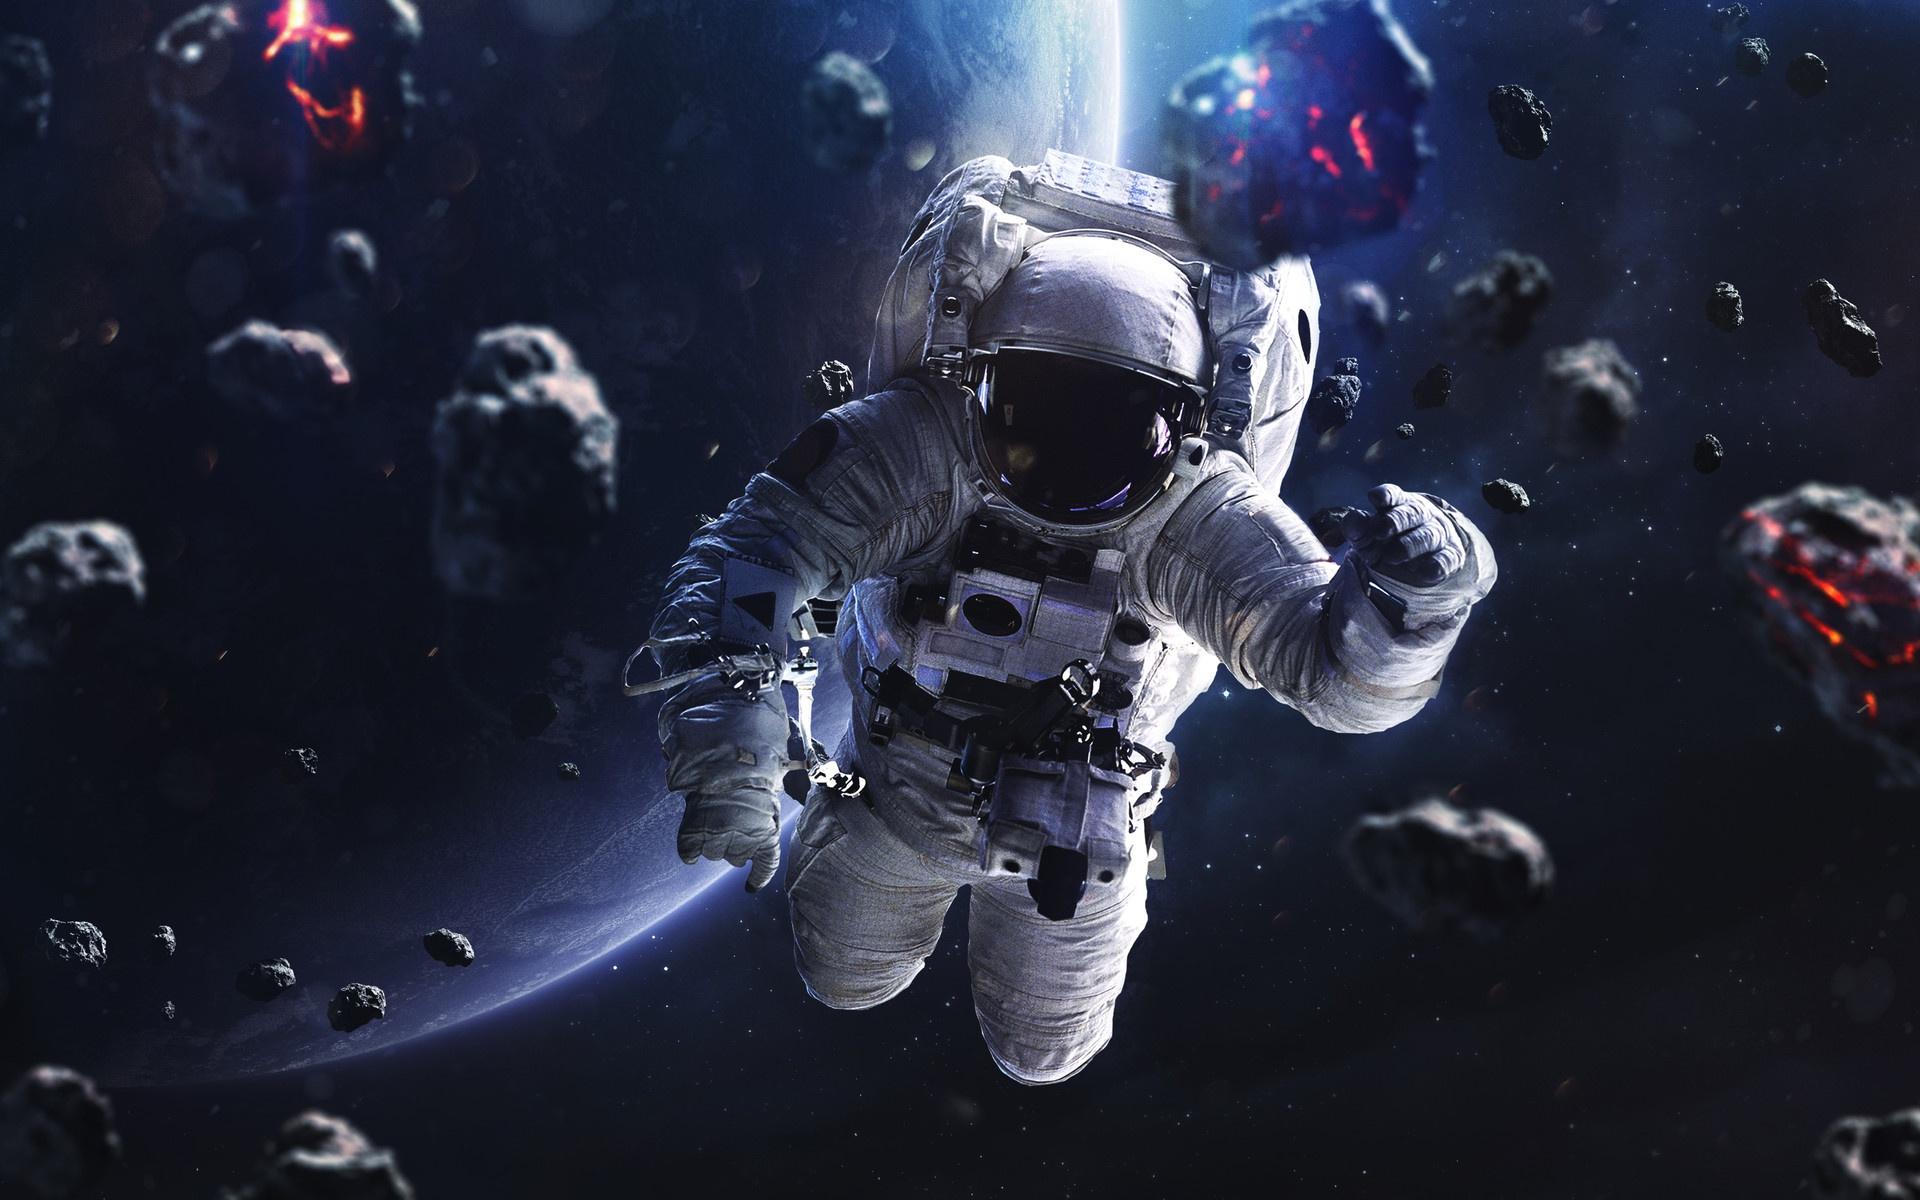 Картинки про человека в космосе